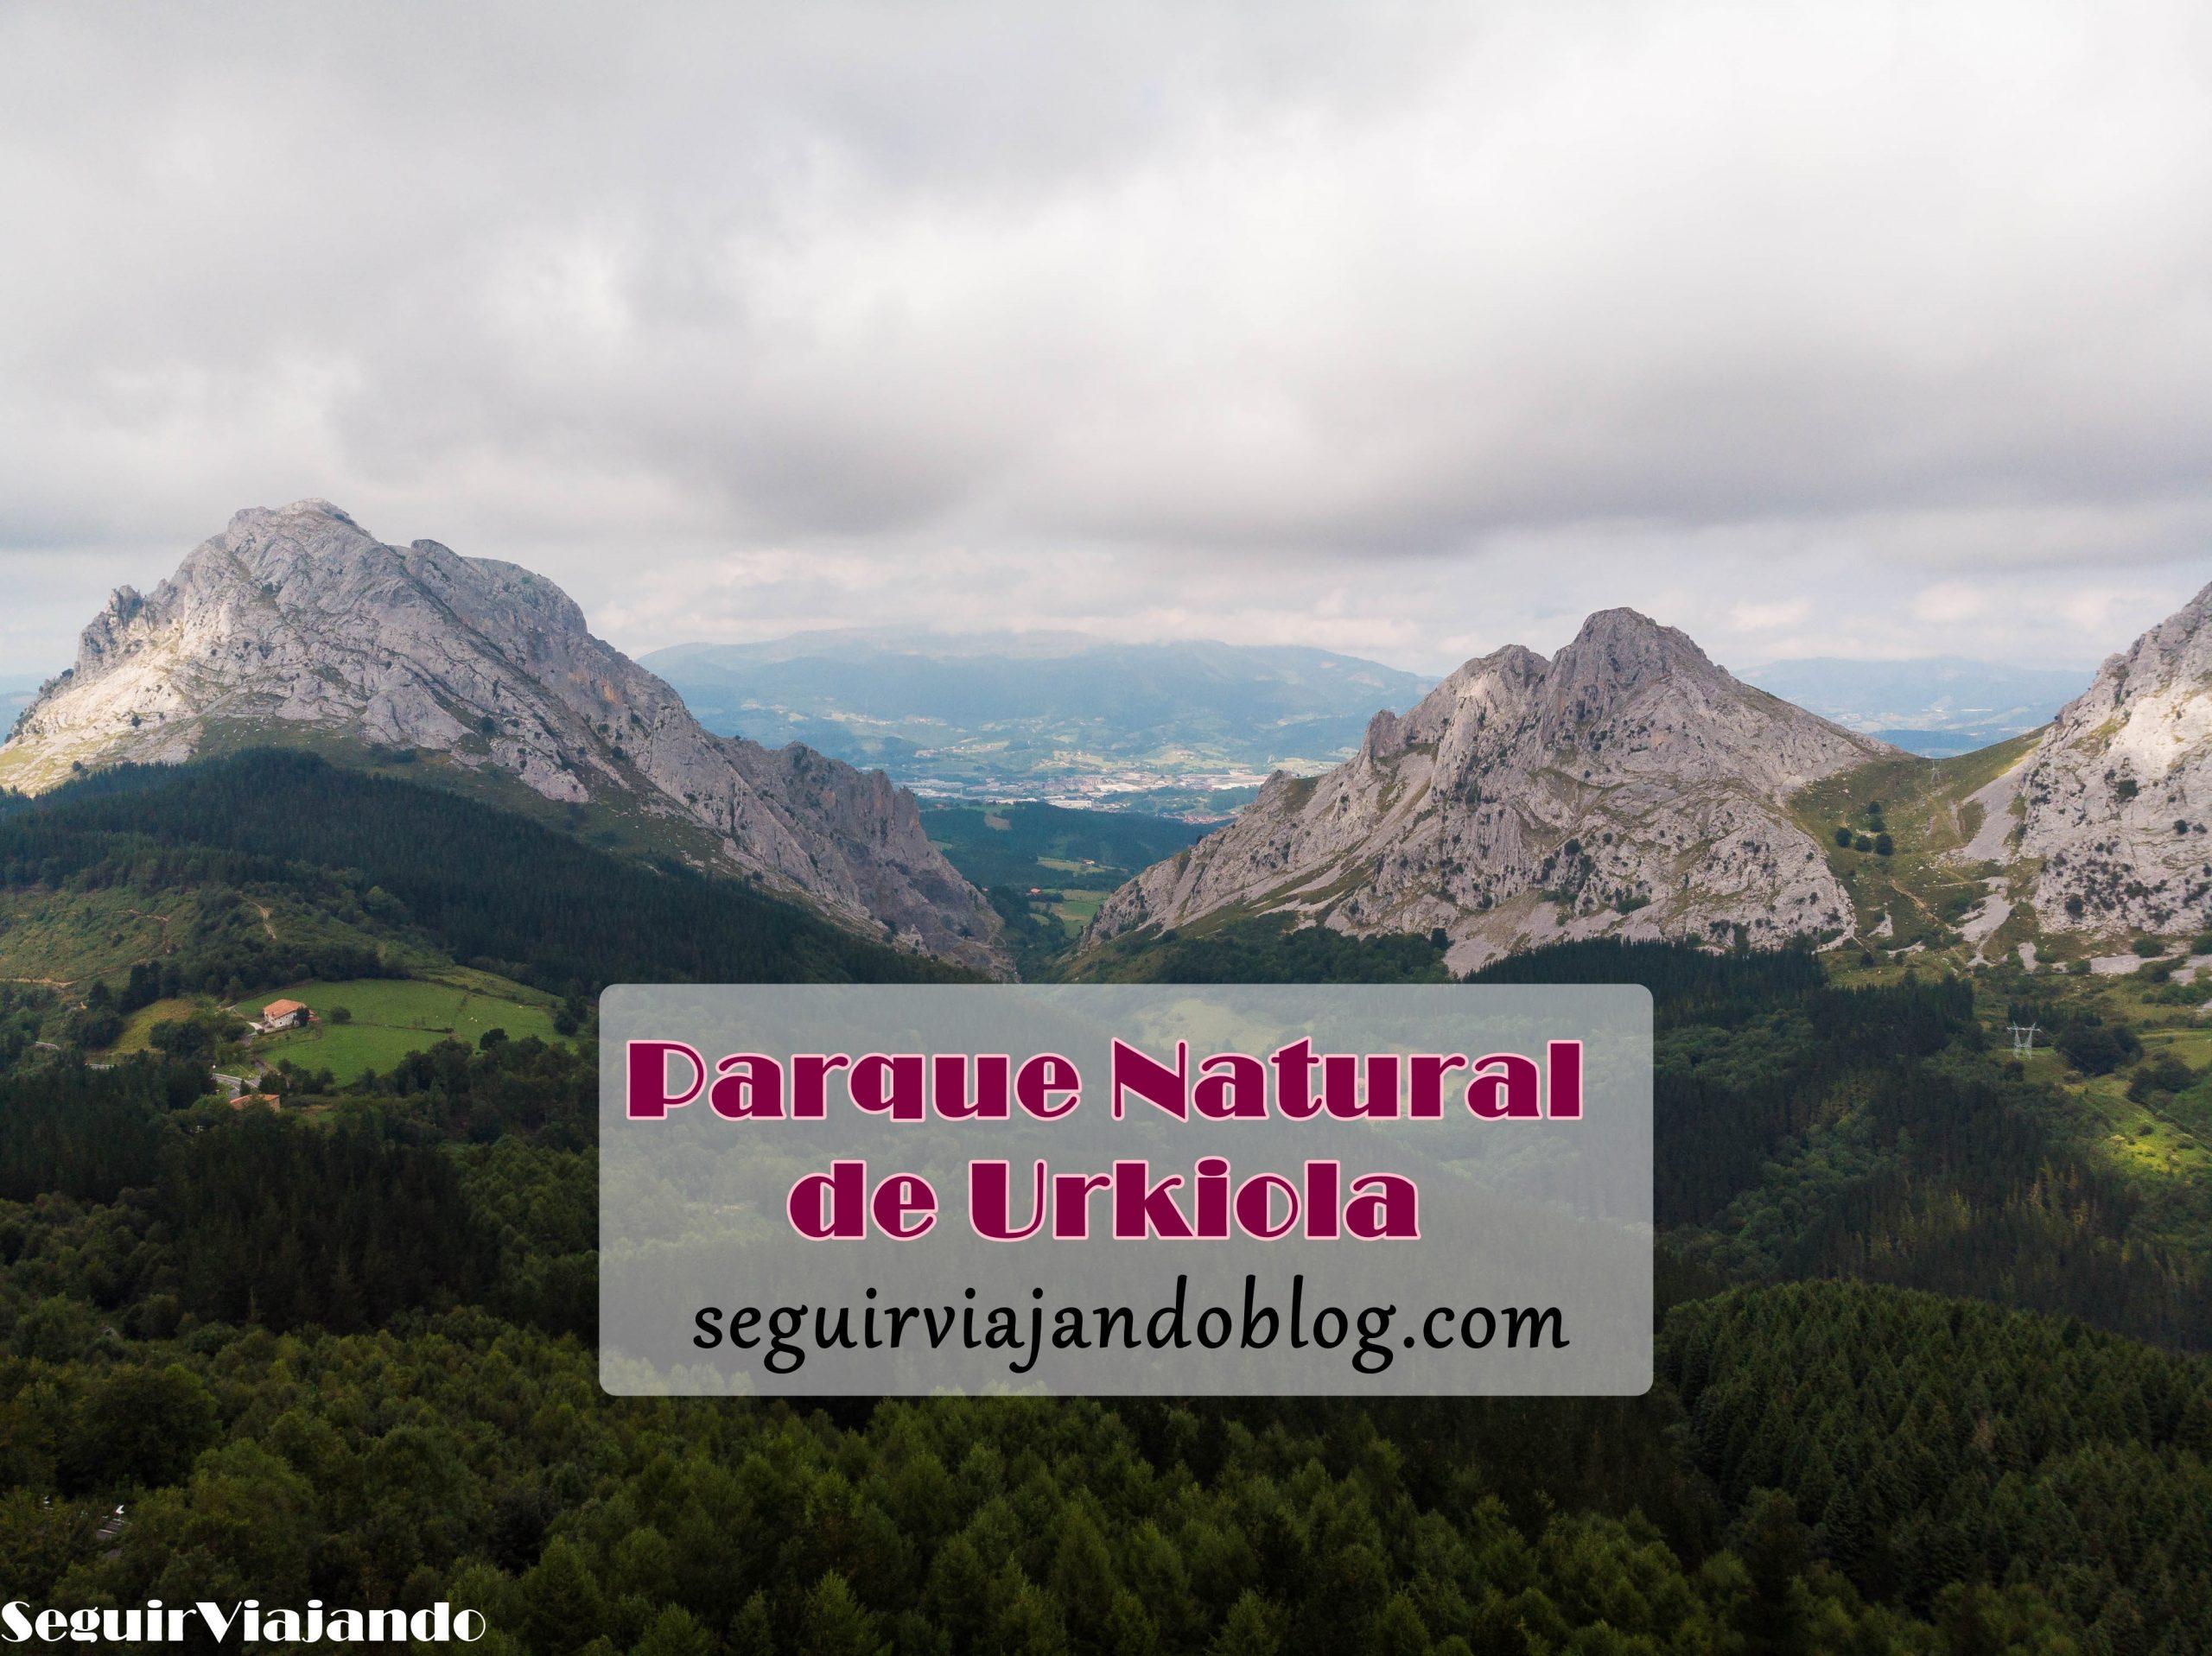 Parque Natural de Urkiola - Seguir Viajando